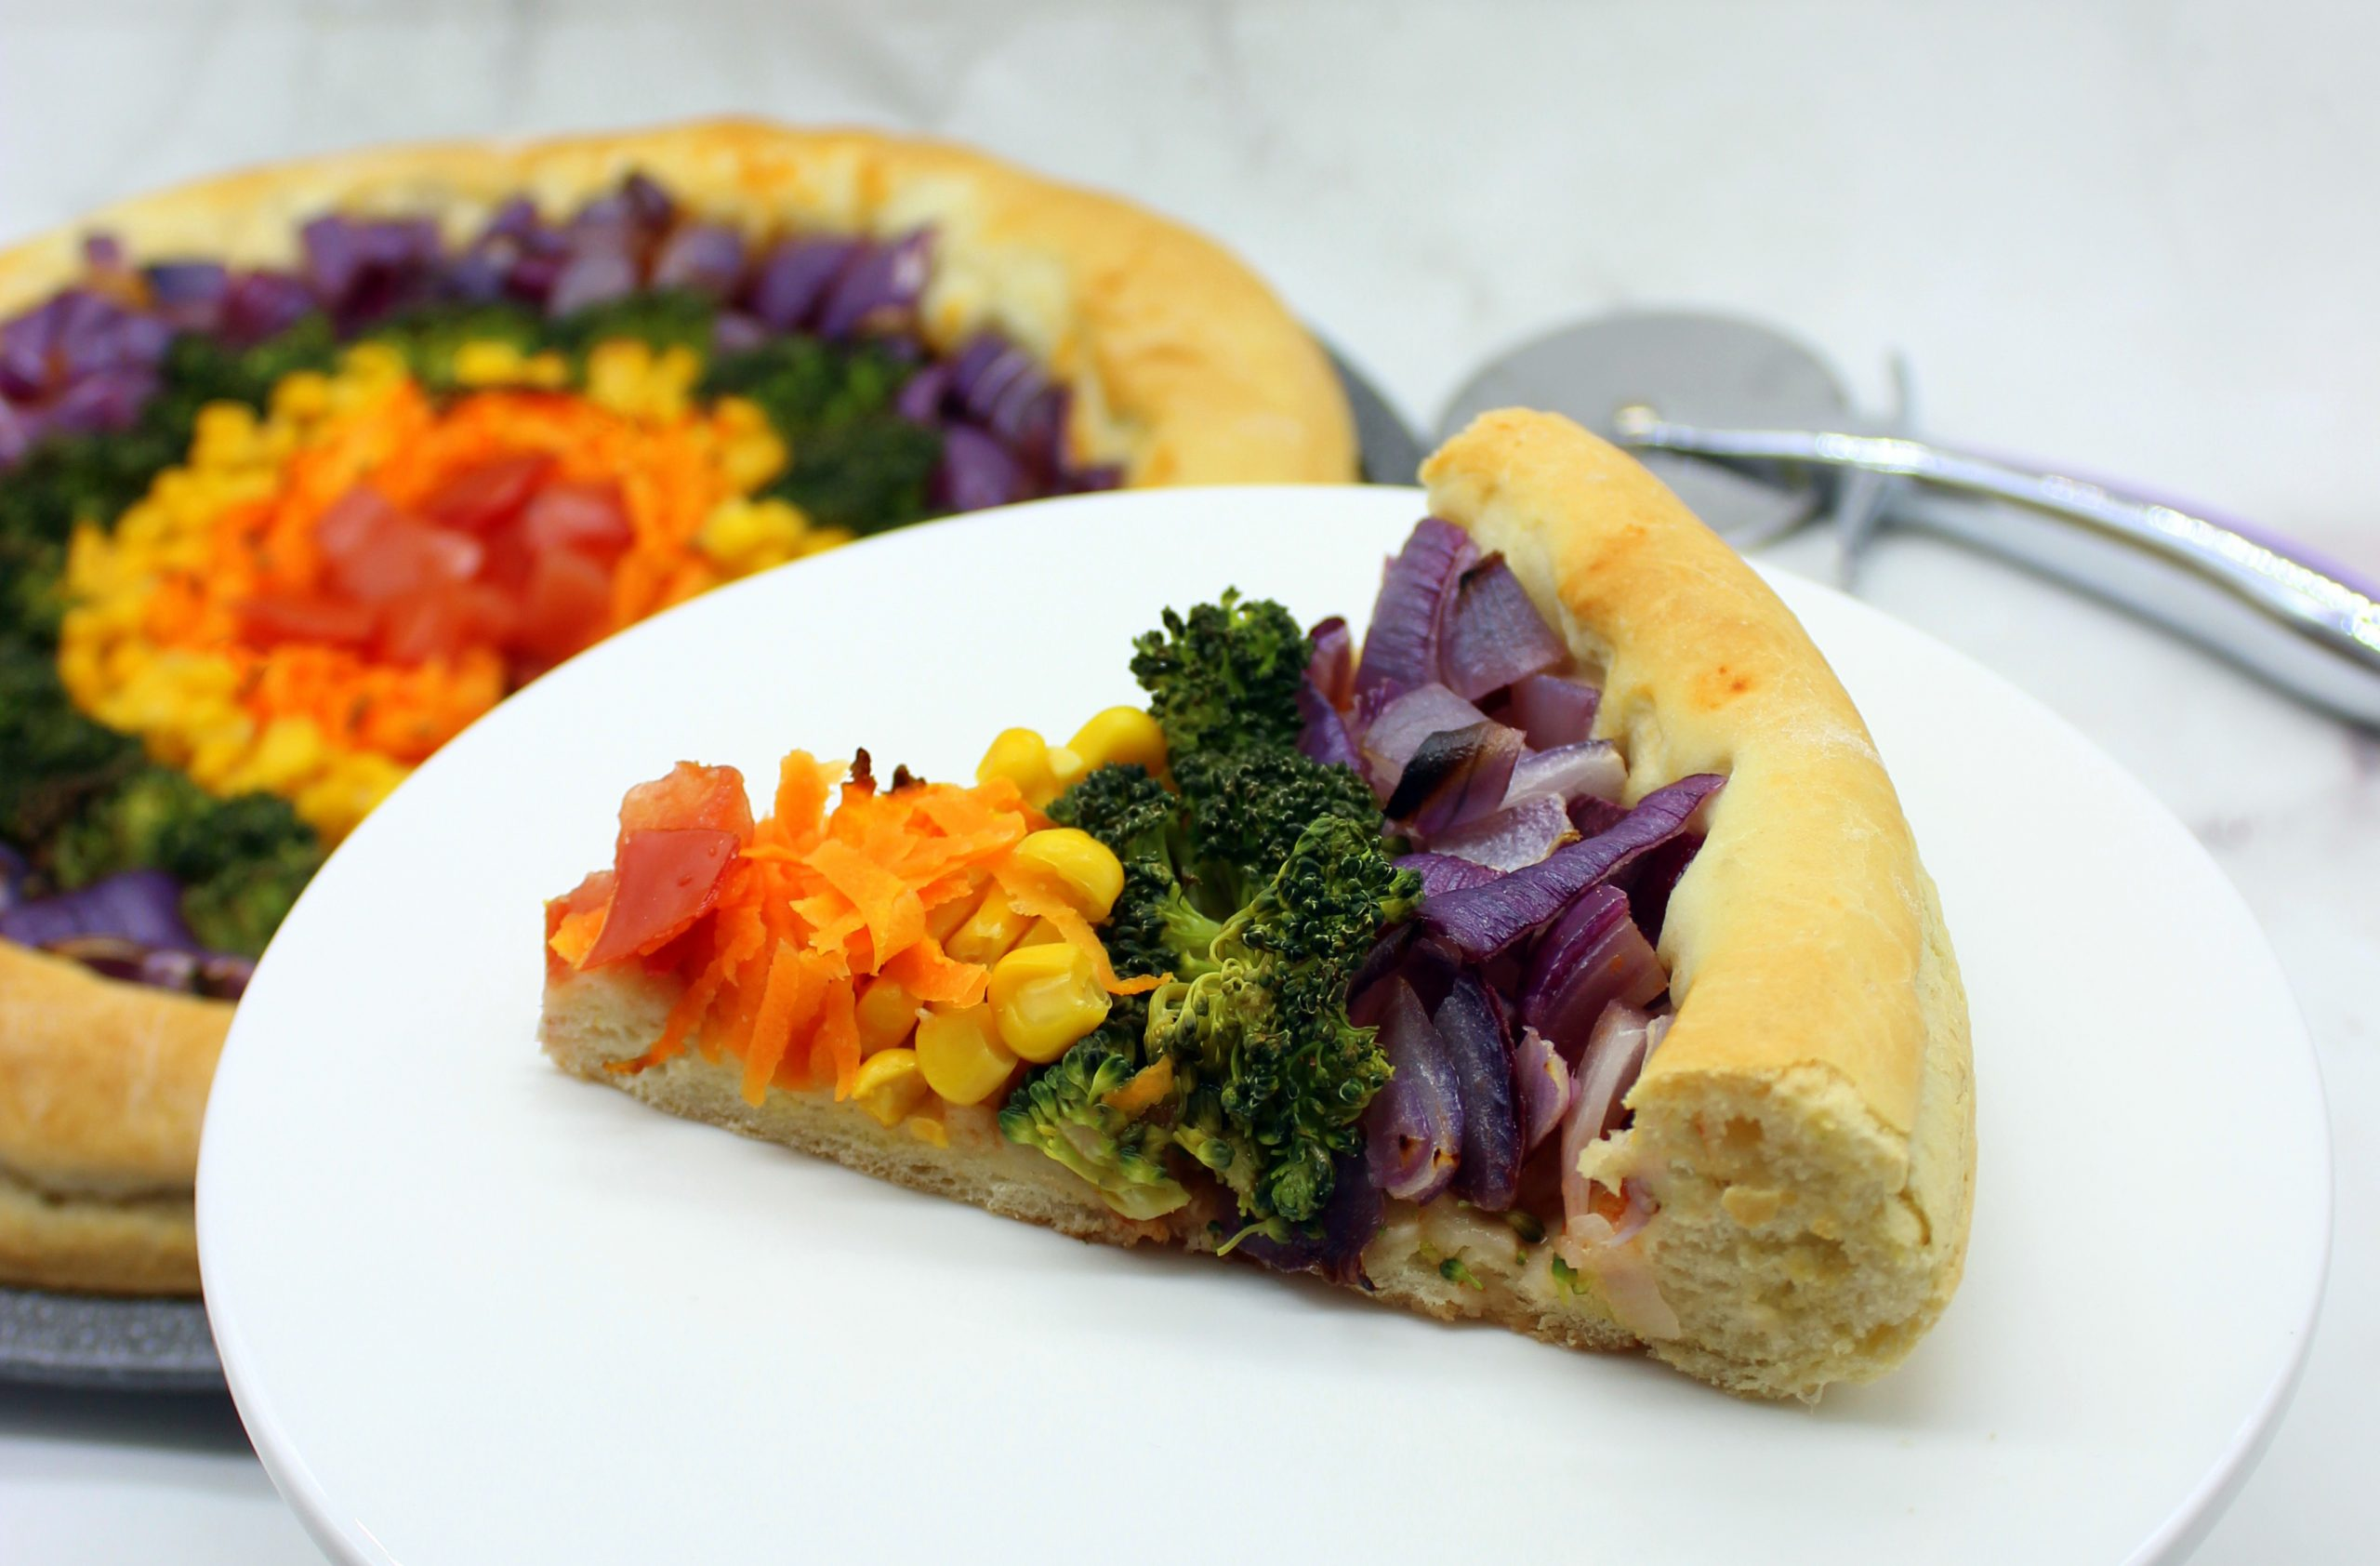 A slice of easy vegan rainbow pizza